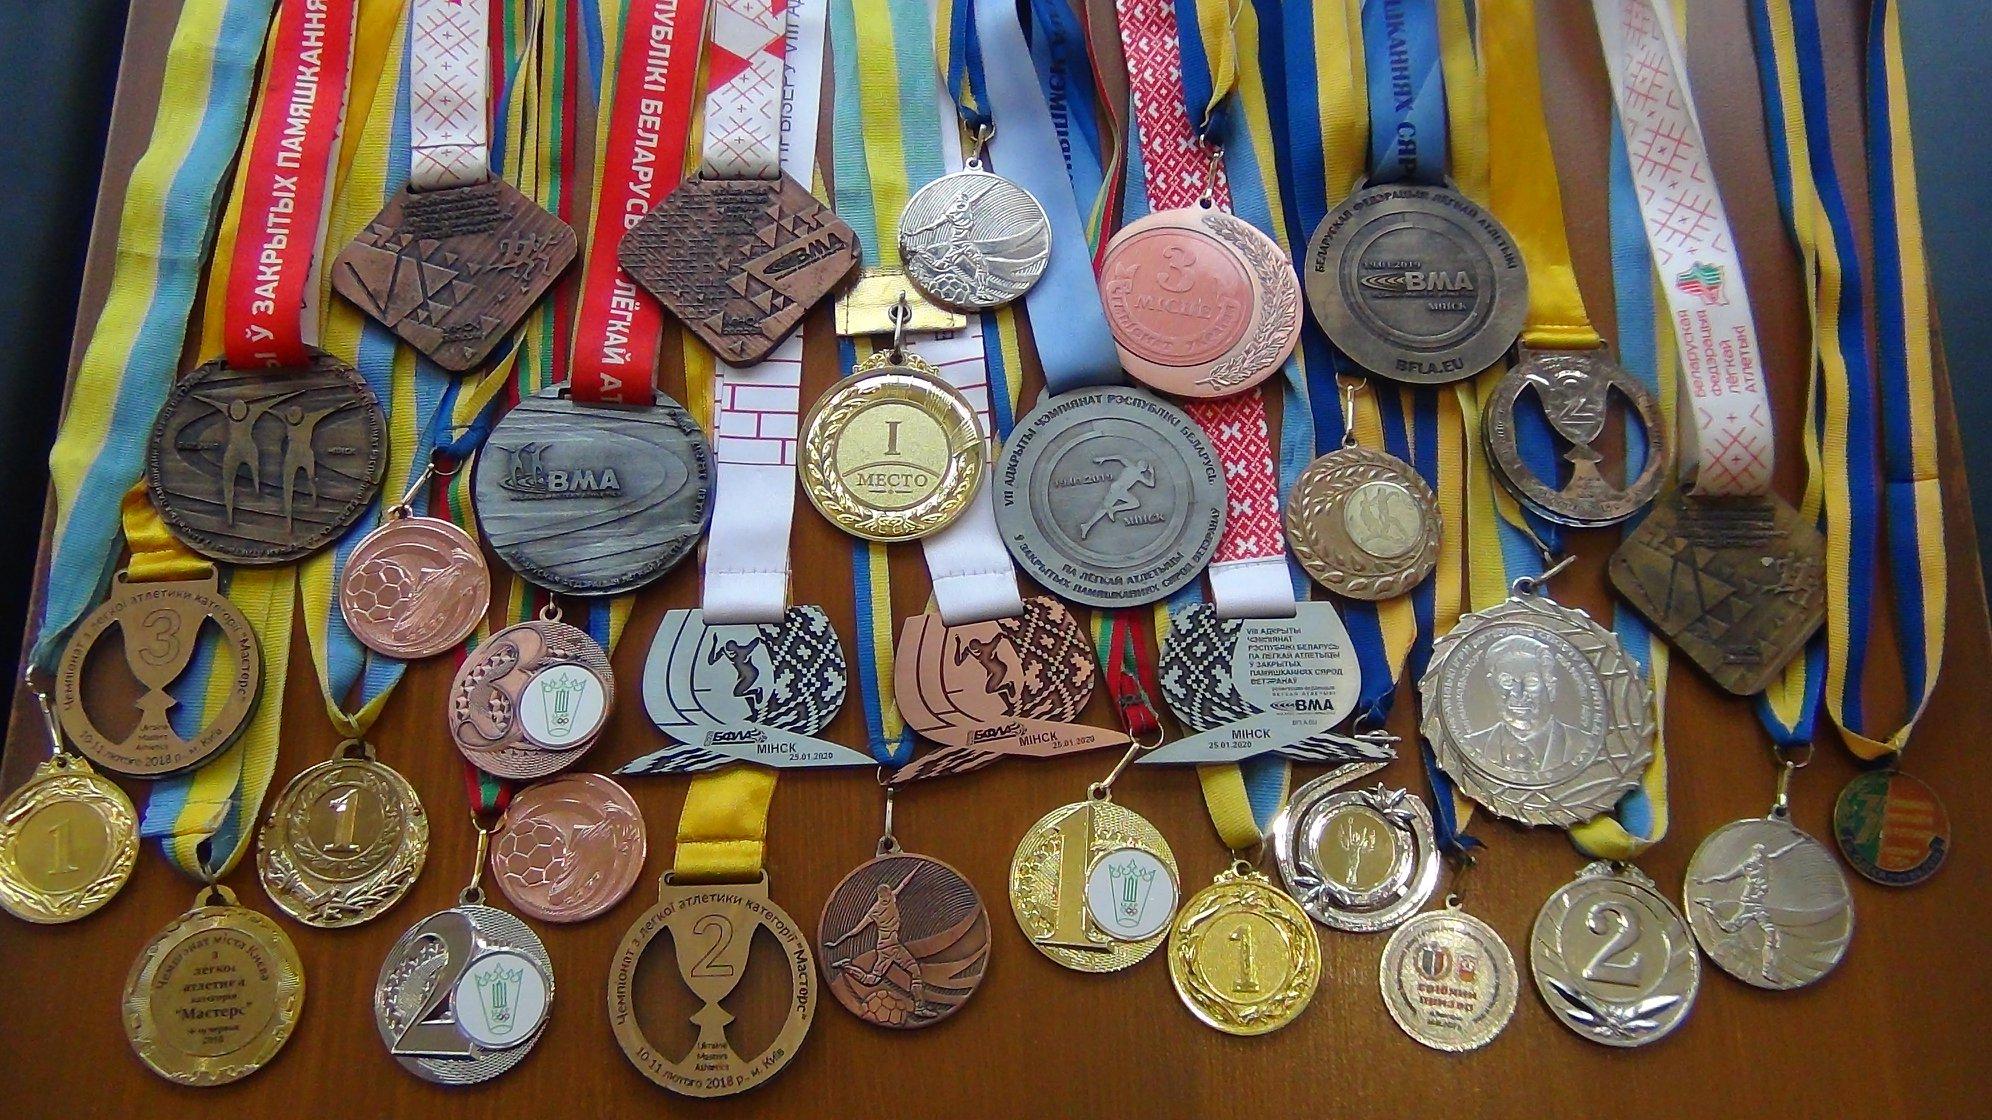 Вишгородський ветеран-спортсмен виборов три медалі на змаганнях у Мінську - спорт, нагороди, київщина, Змагання, Вишгородський район - volkotrub2